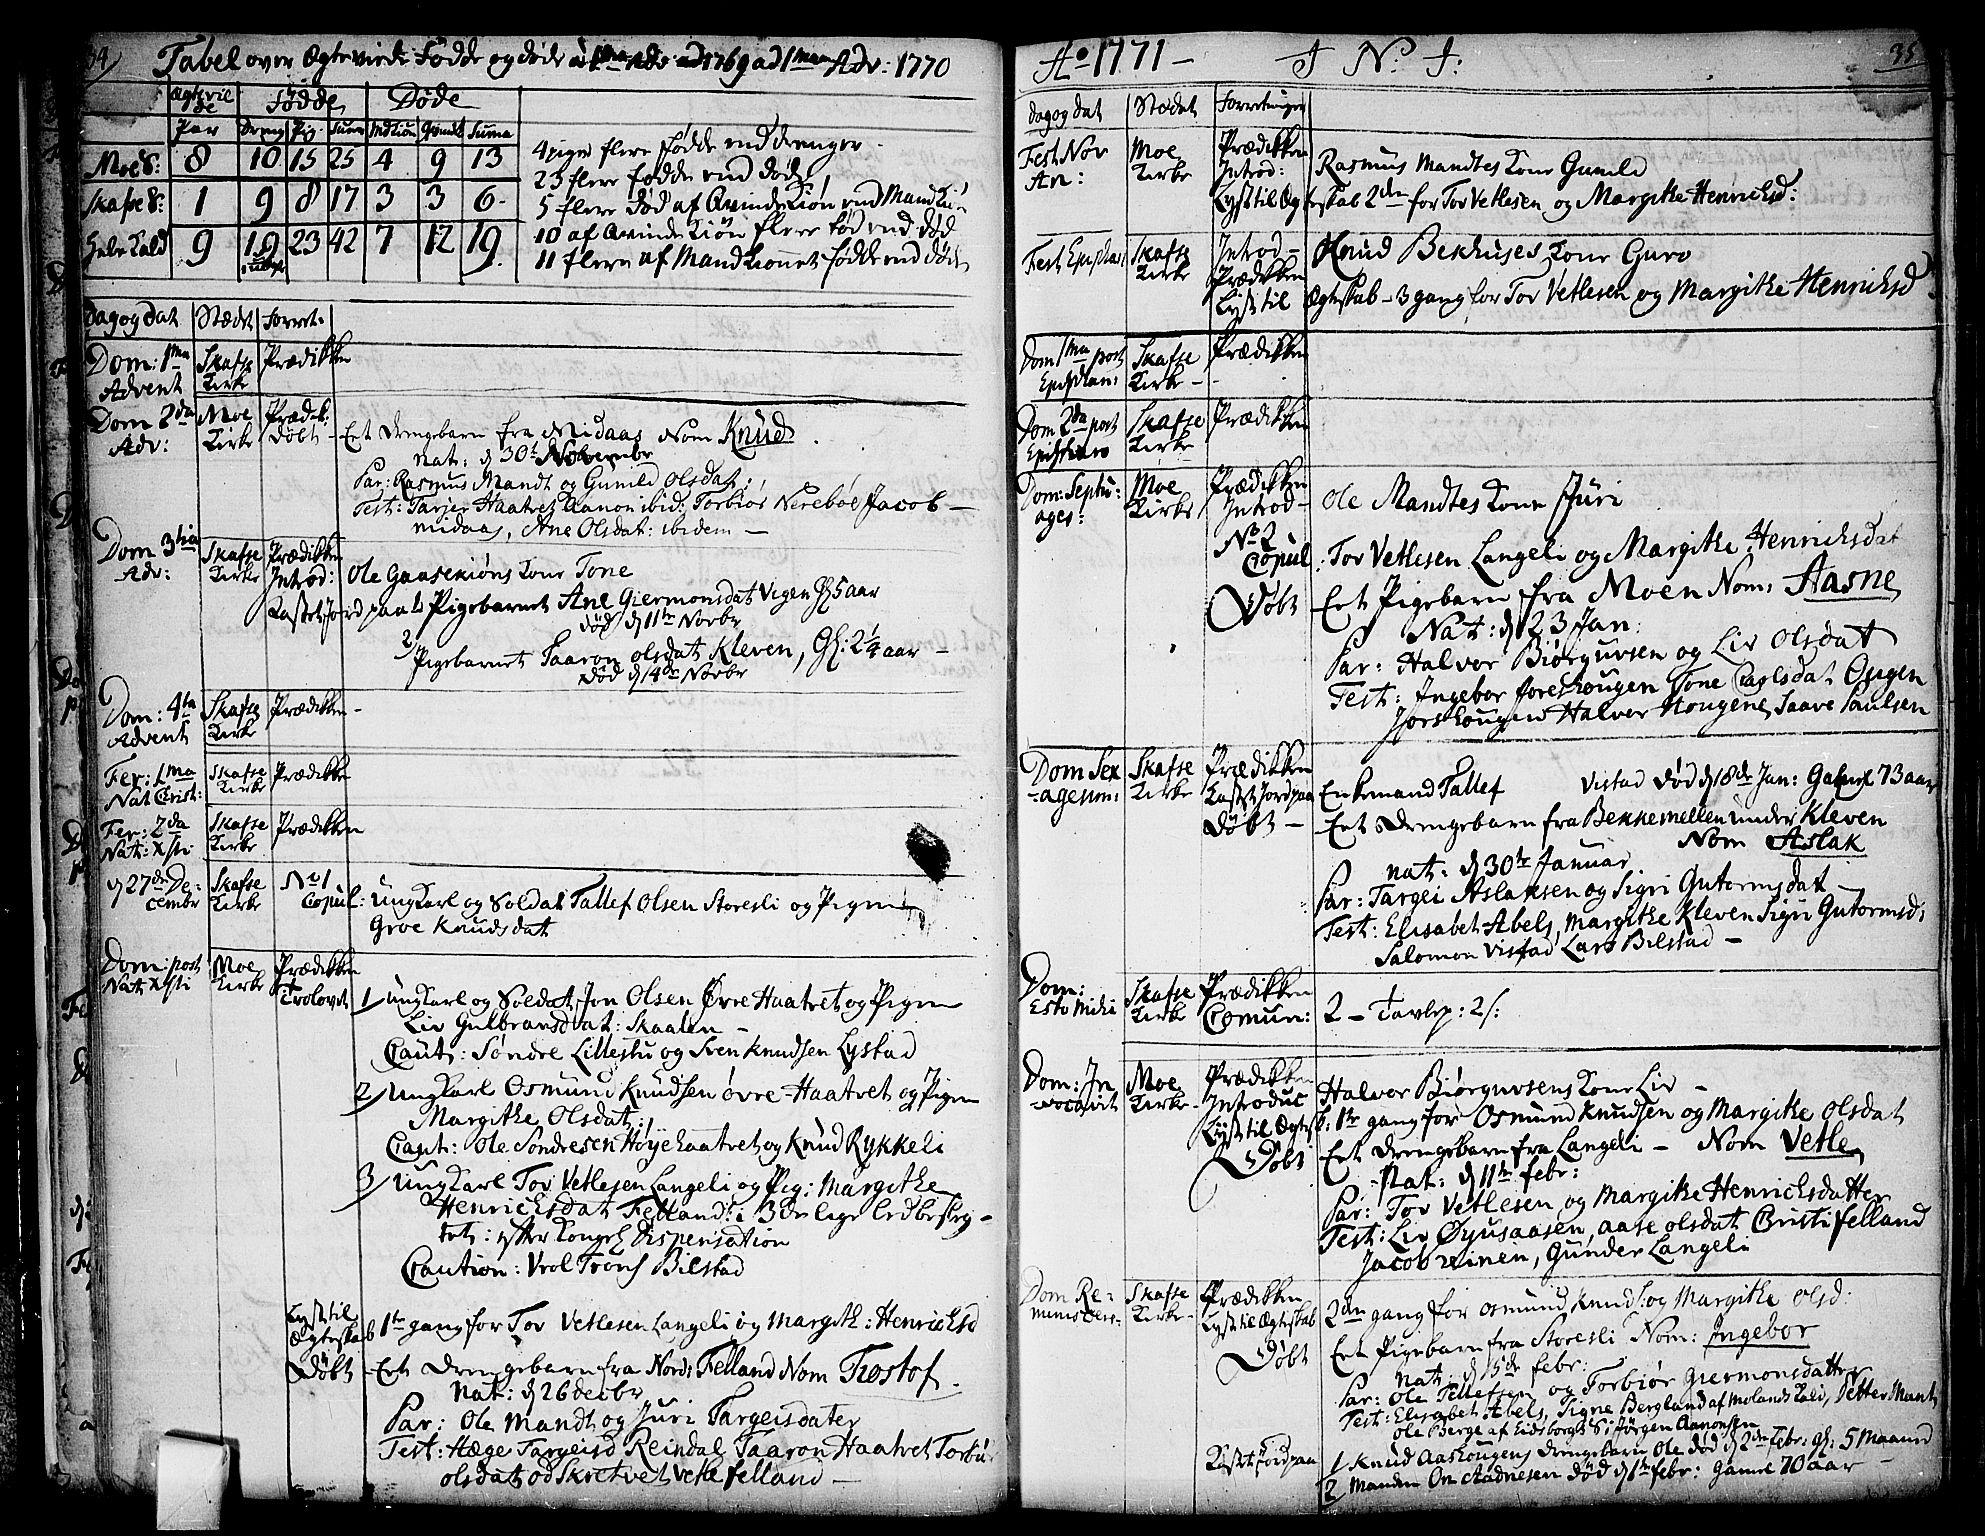 SAKO, Mo kirkebøker, F/Fa/L0002: Ministerialbok nr. I 2, 1766-1799, s. 34-35